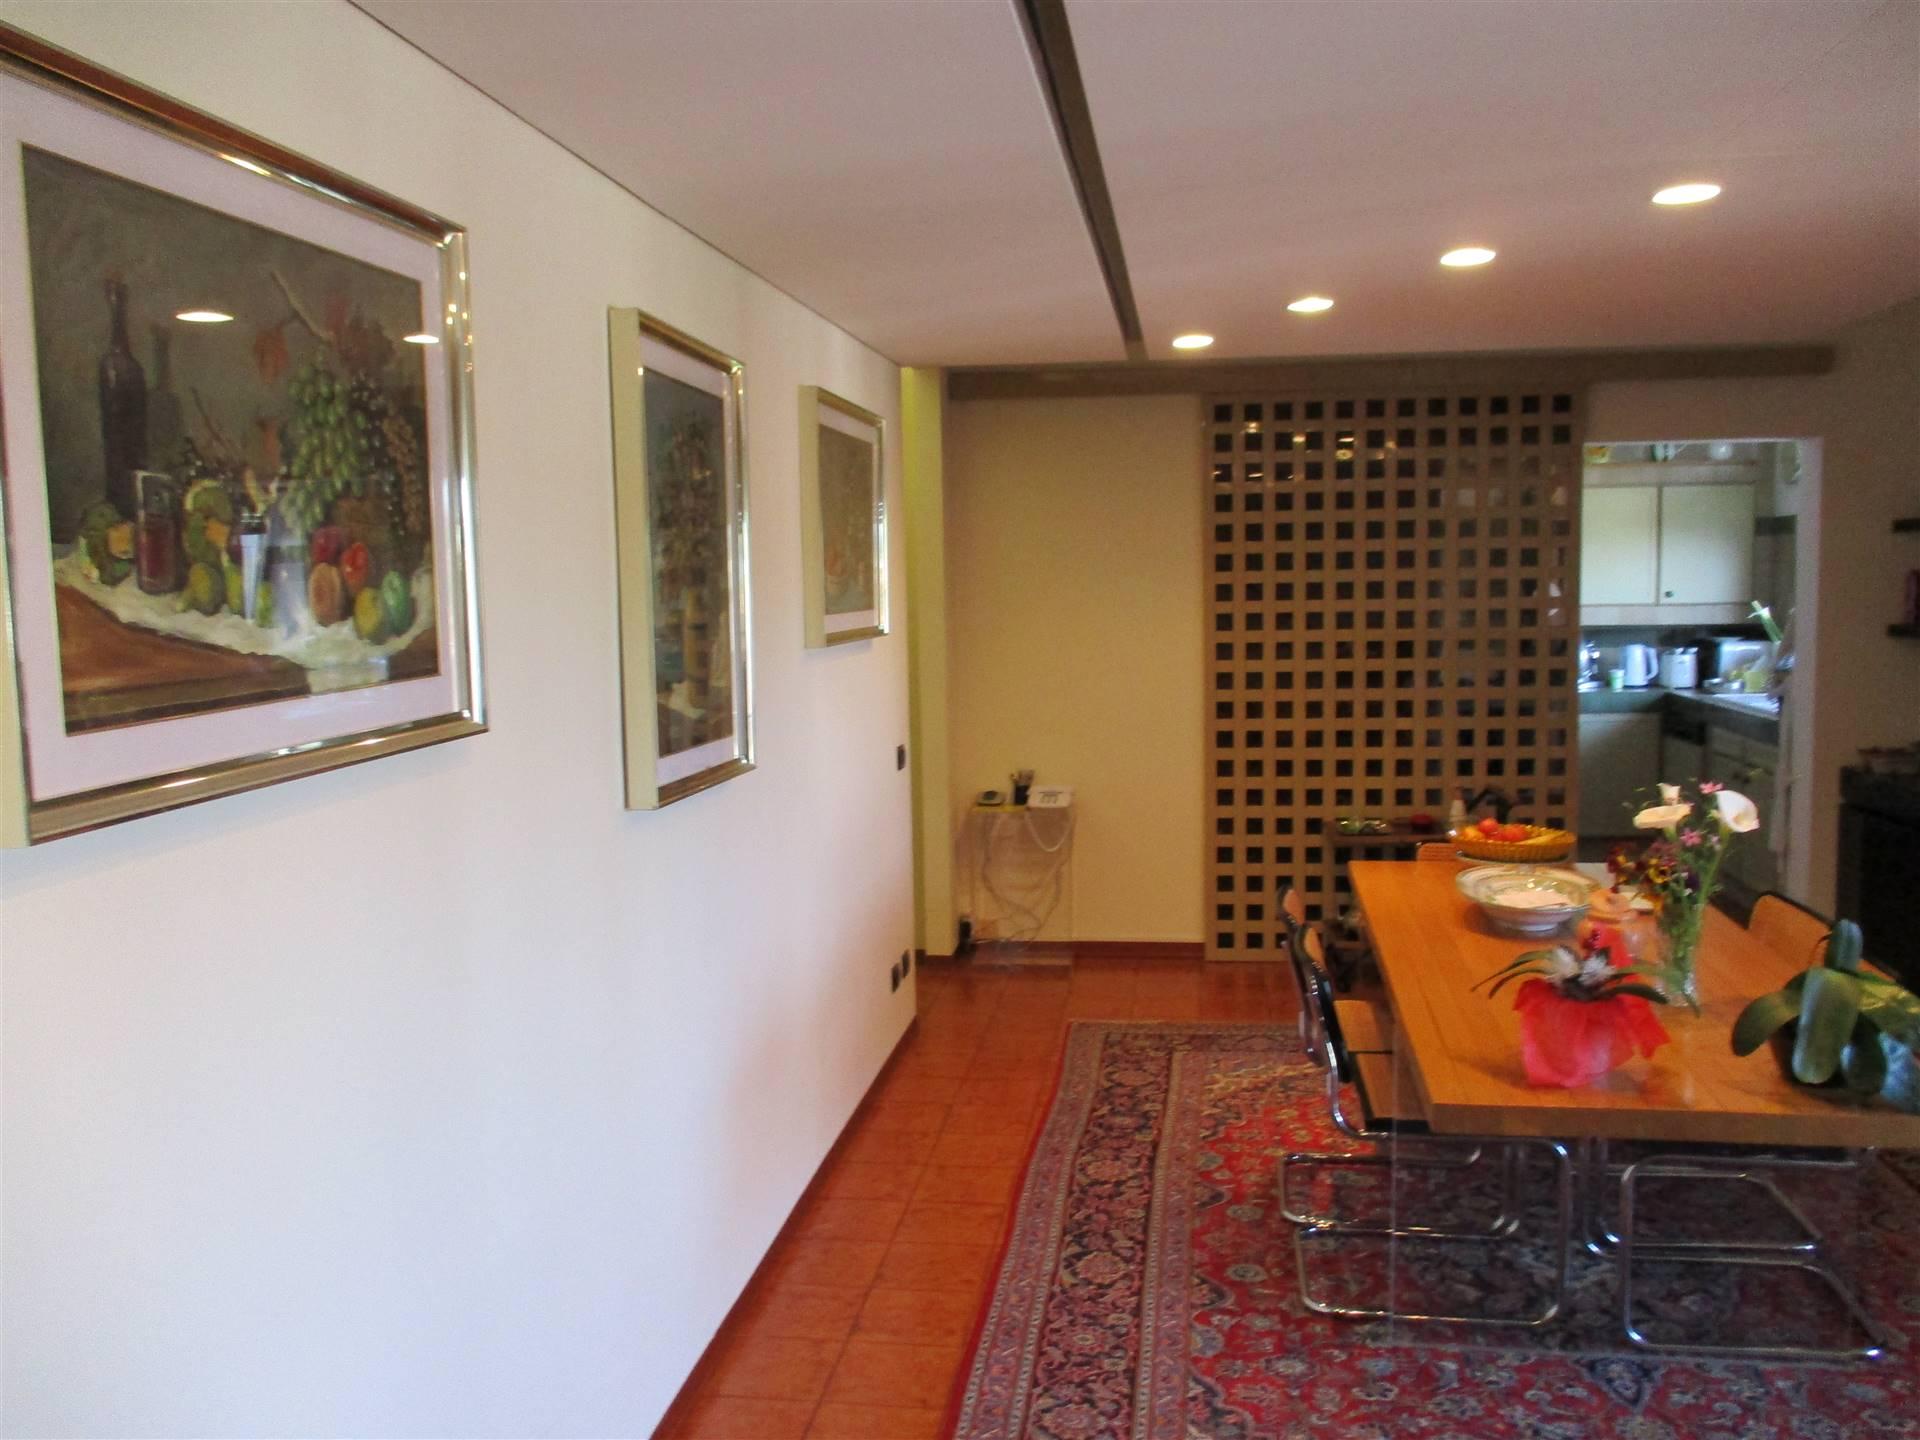 Appartamento in Vendita a Poggio a caiano zona  - immagine 1